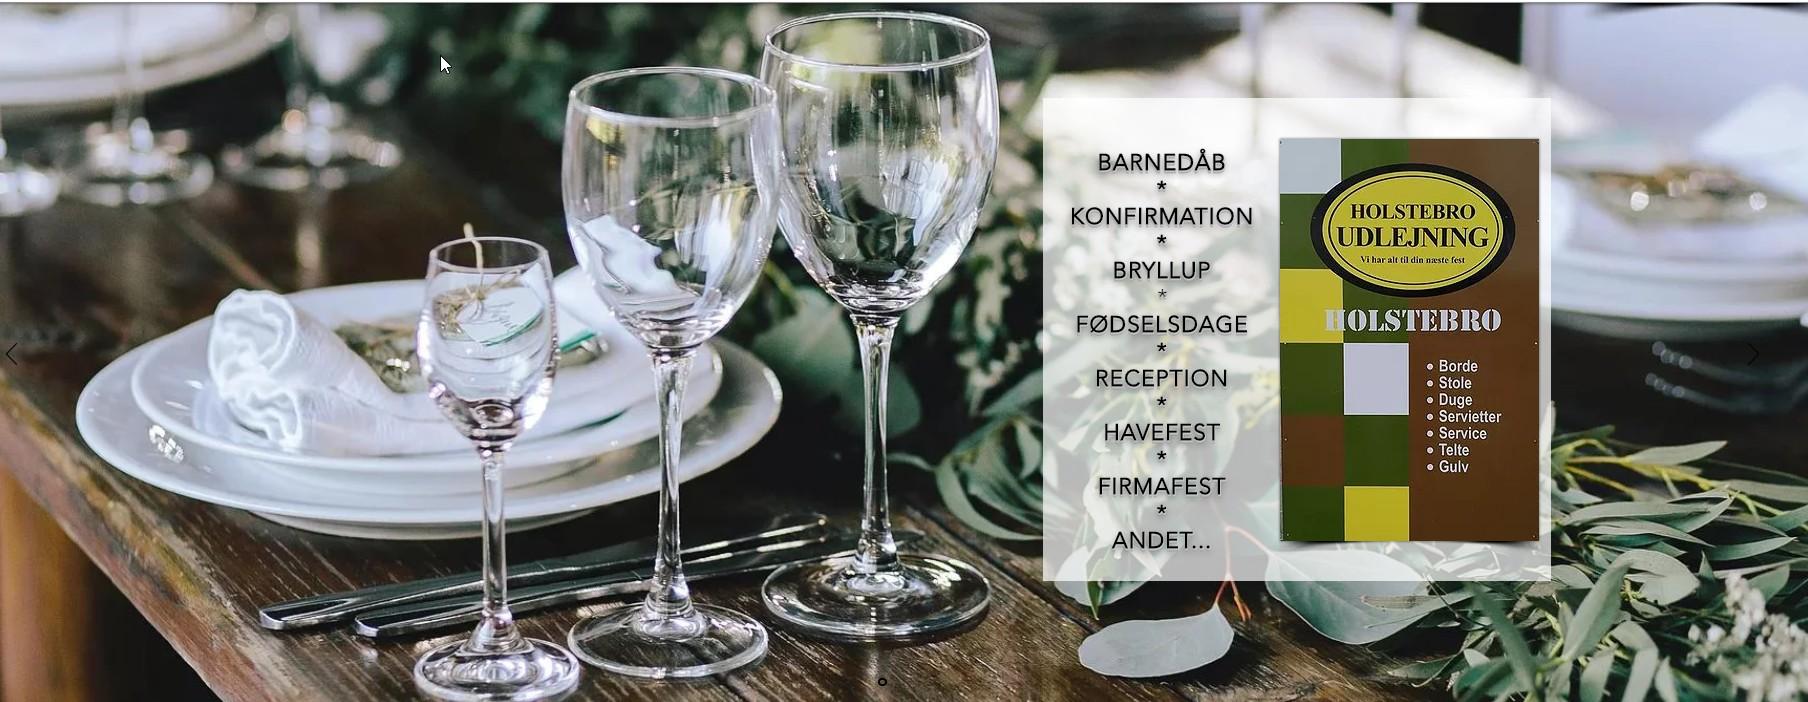 Holstebro Udlejning - Fest udlejning